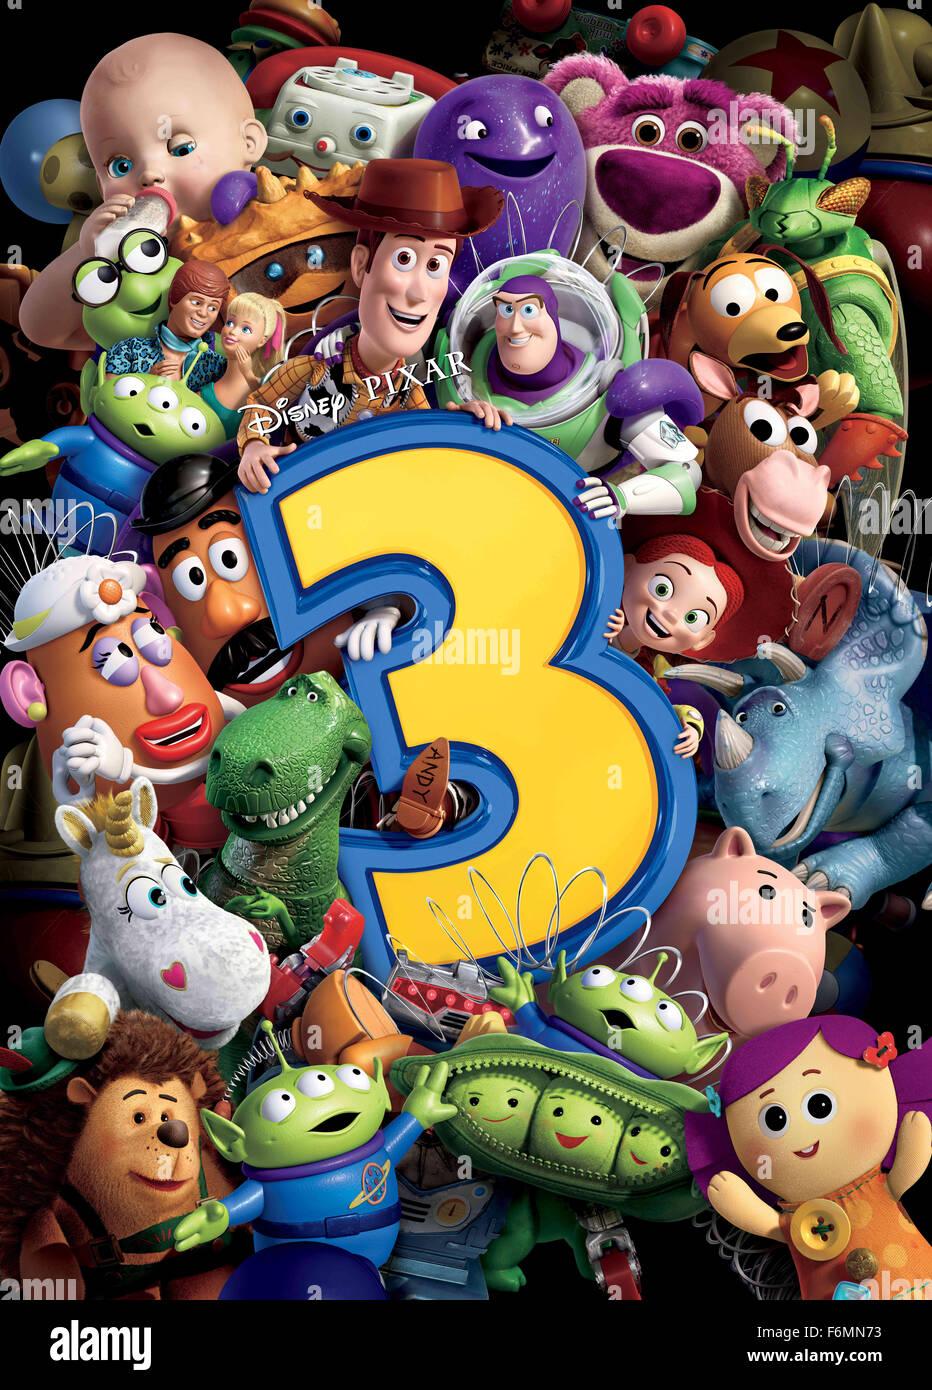 4301bab817195 Fecha de lanzamiento  18 de junio de 2010 PELÍCULA  Toy Story 3 Estudio   Disney Pixar DIRECTOR  Lee Unkrich parcela  Woody